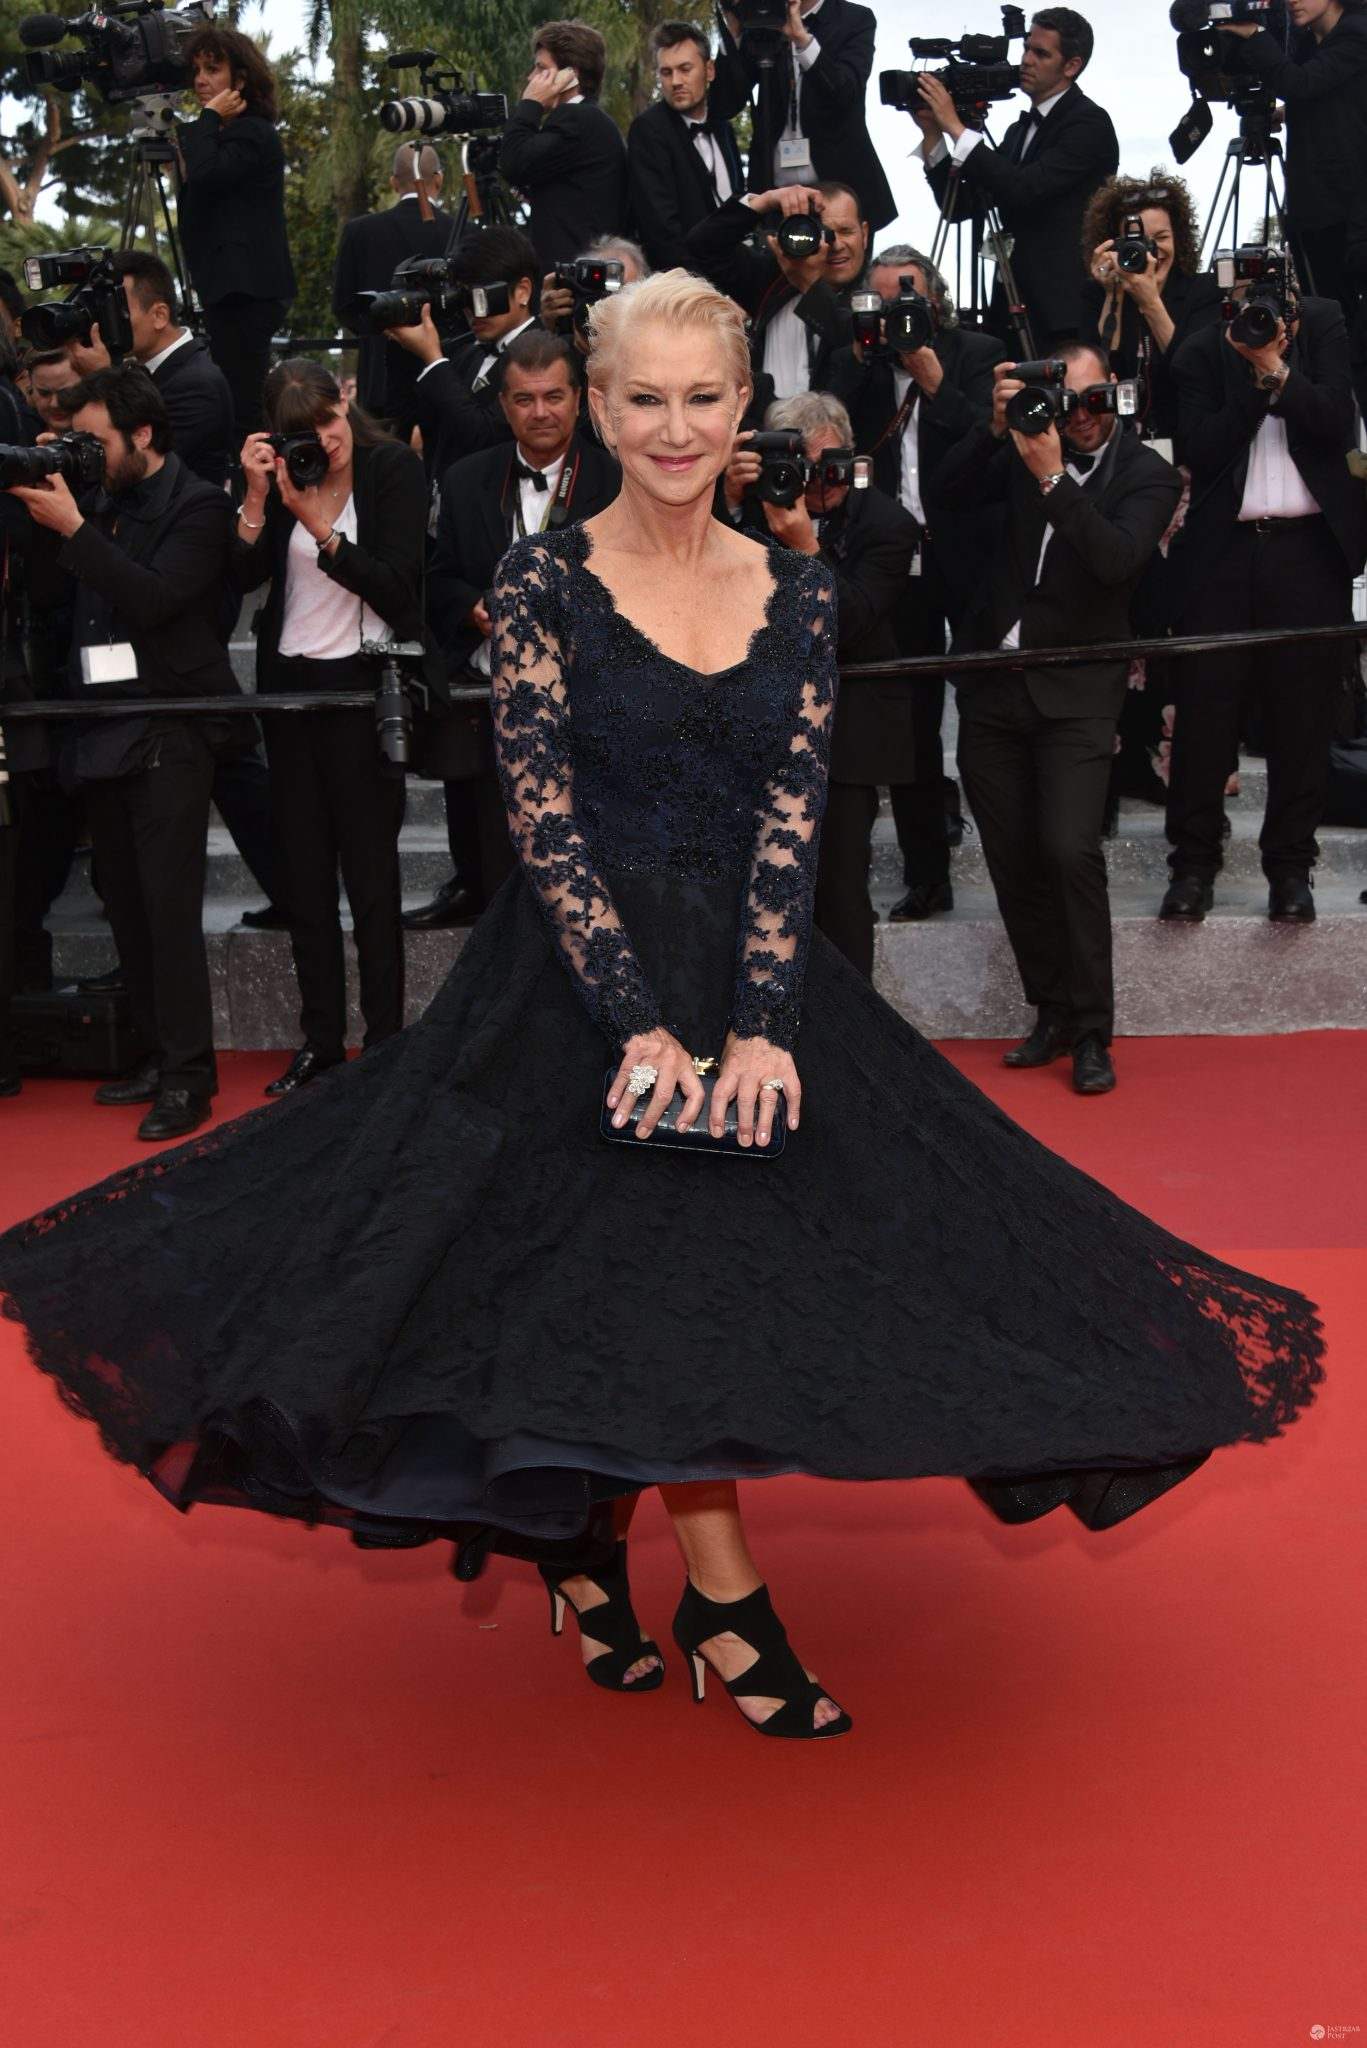 Cannes 2016 - Helen Mirren upadła na czerwonym dywanie